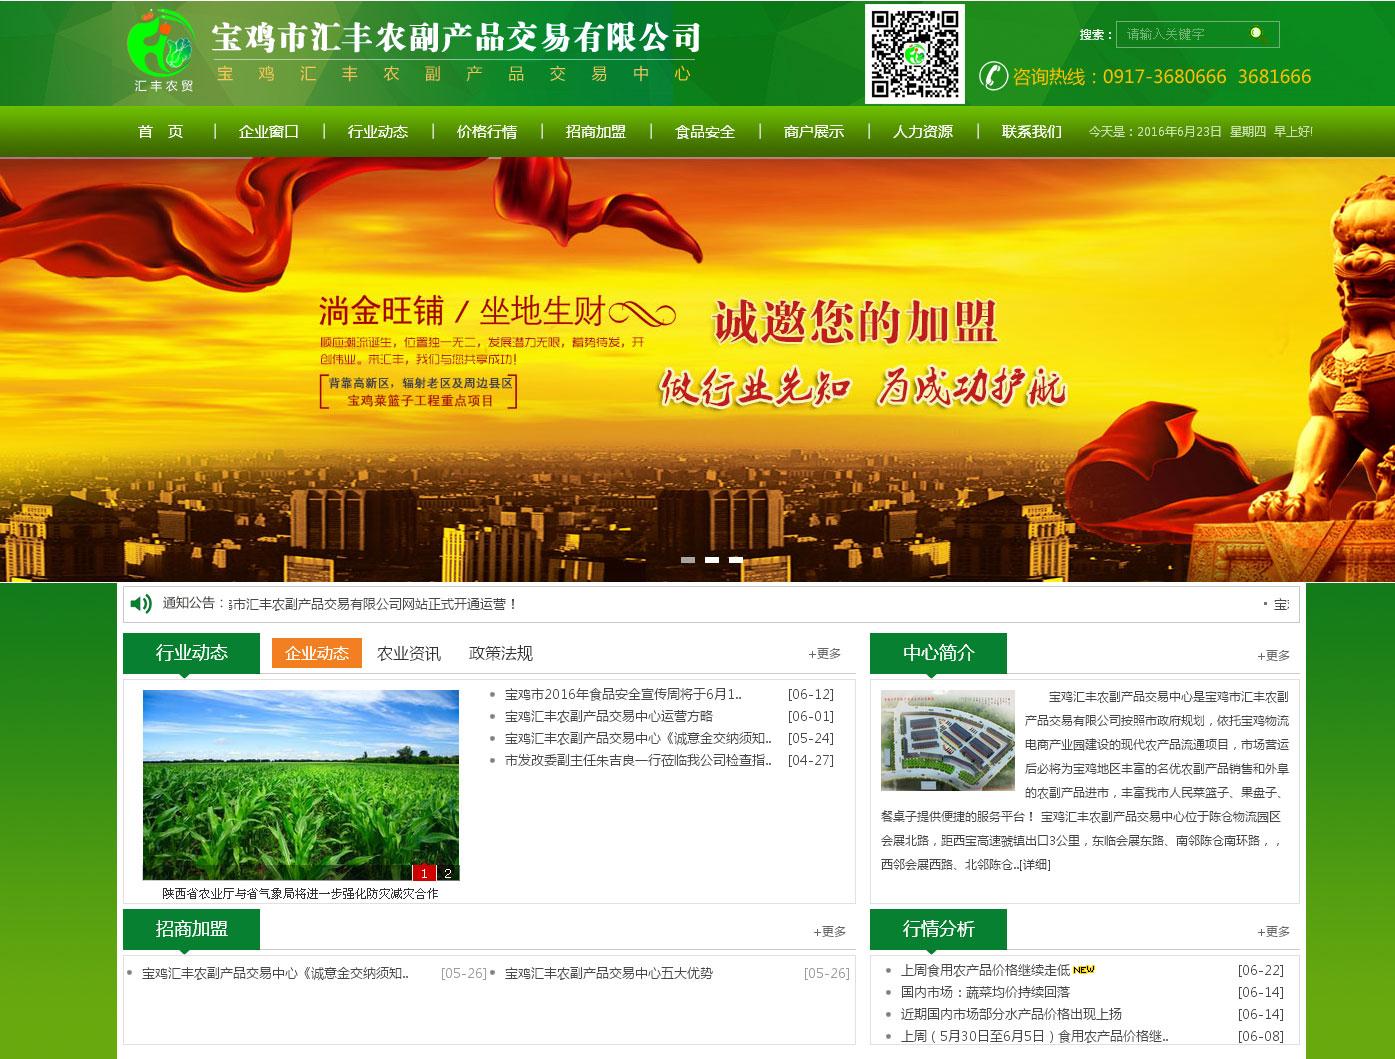 宝鸡汇丰农副产品交易中心